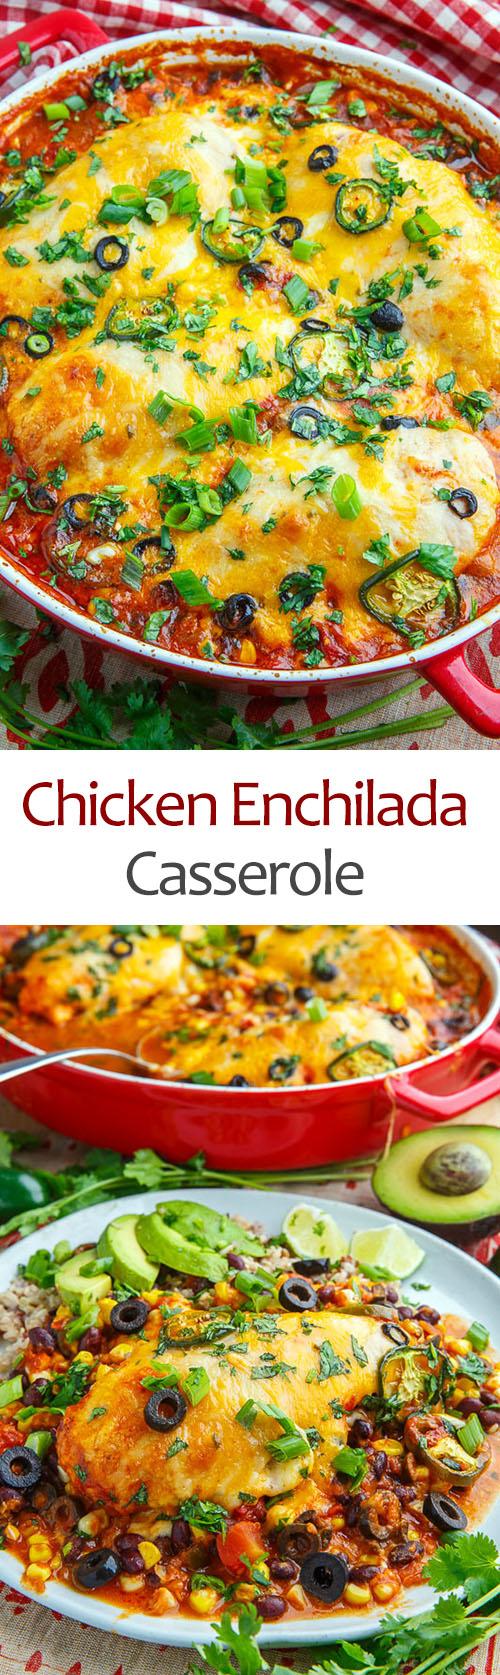 Baked Chicken Enchilada Casserole